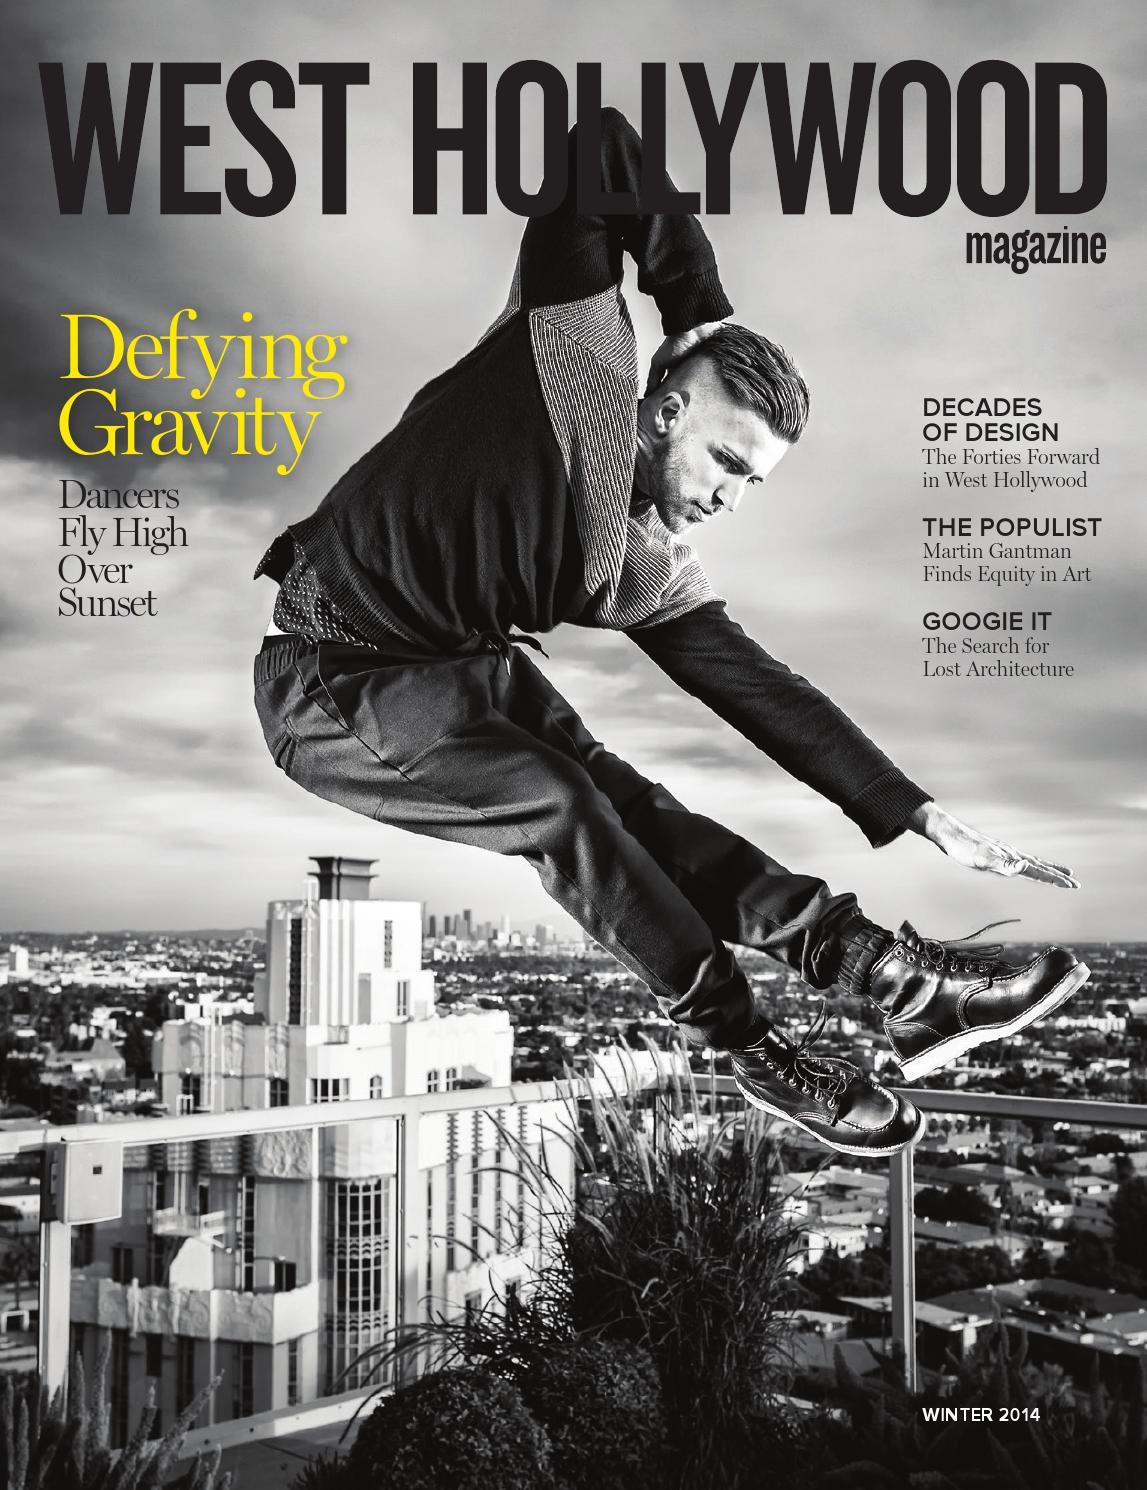 c80354e9fbc0 West Hollywood Magazine Winter 2014 by West Hollywood Magazine - issuu